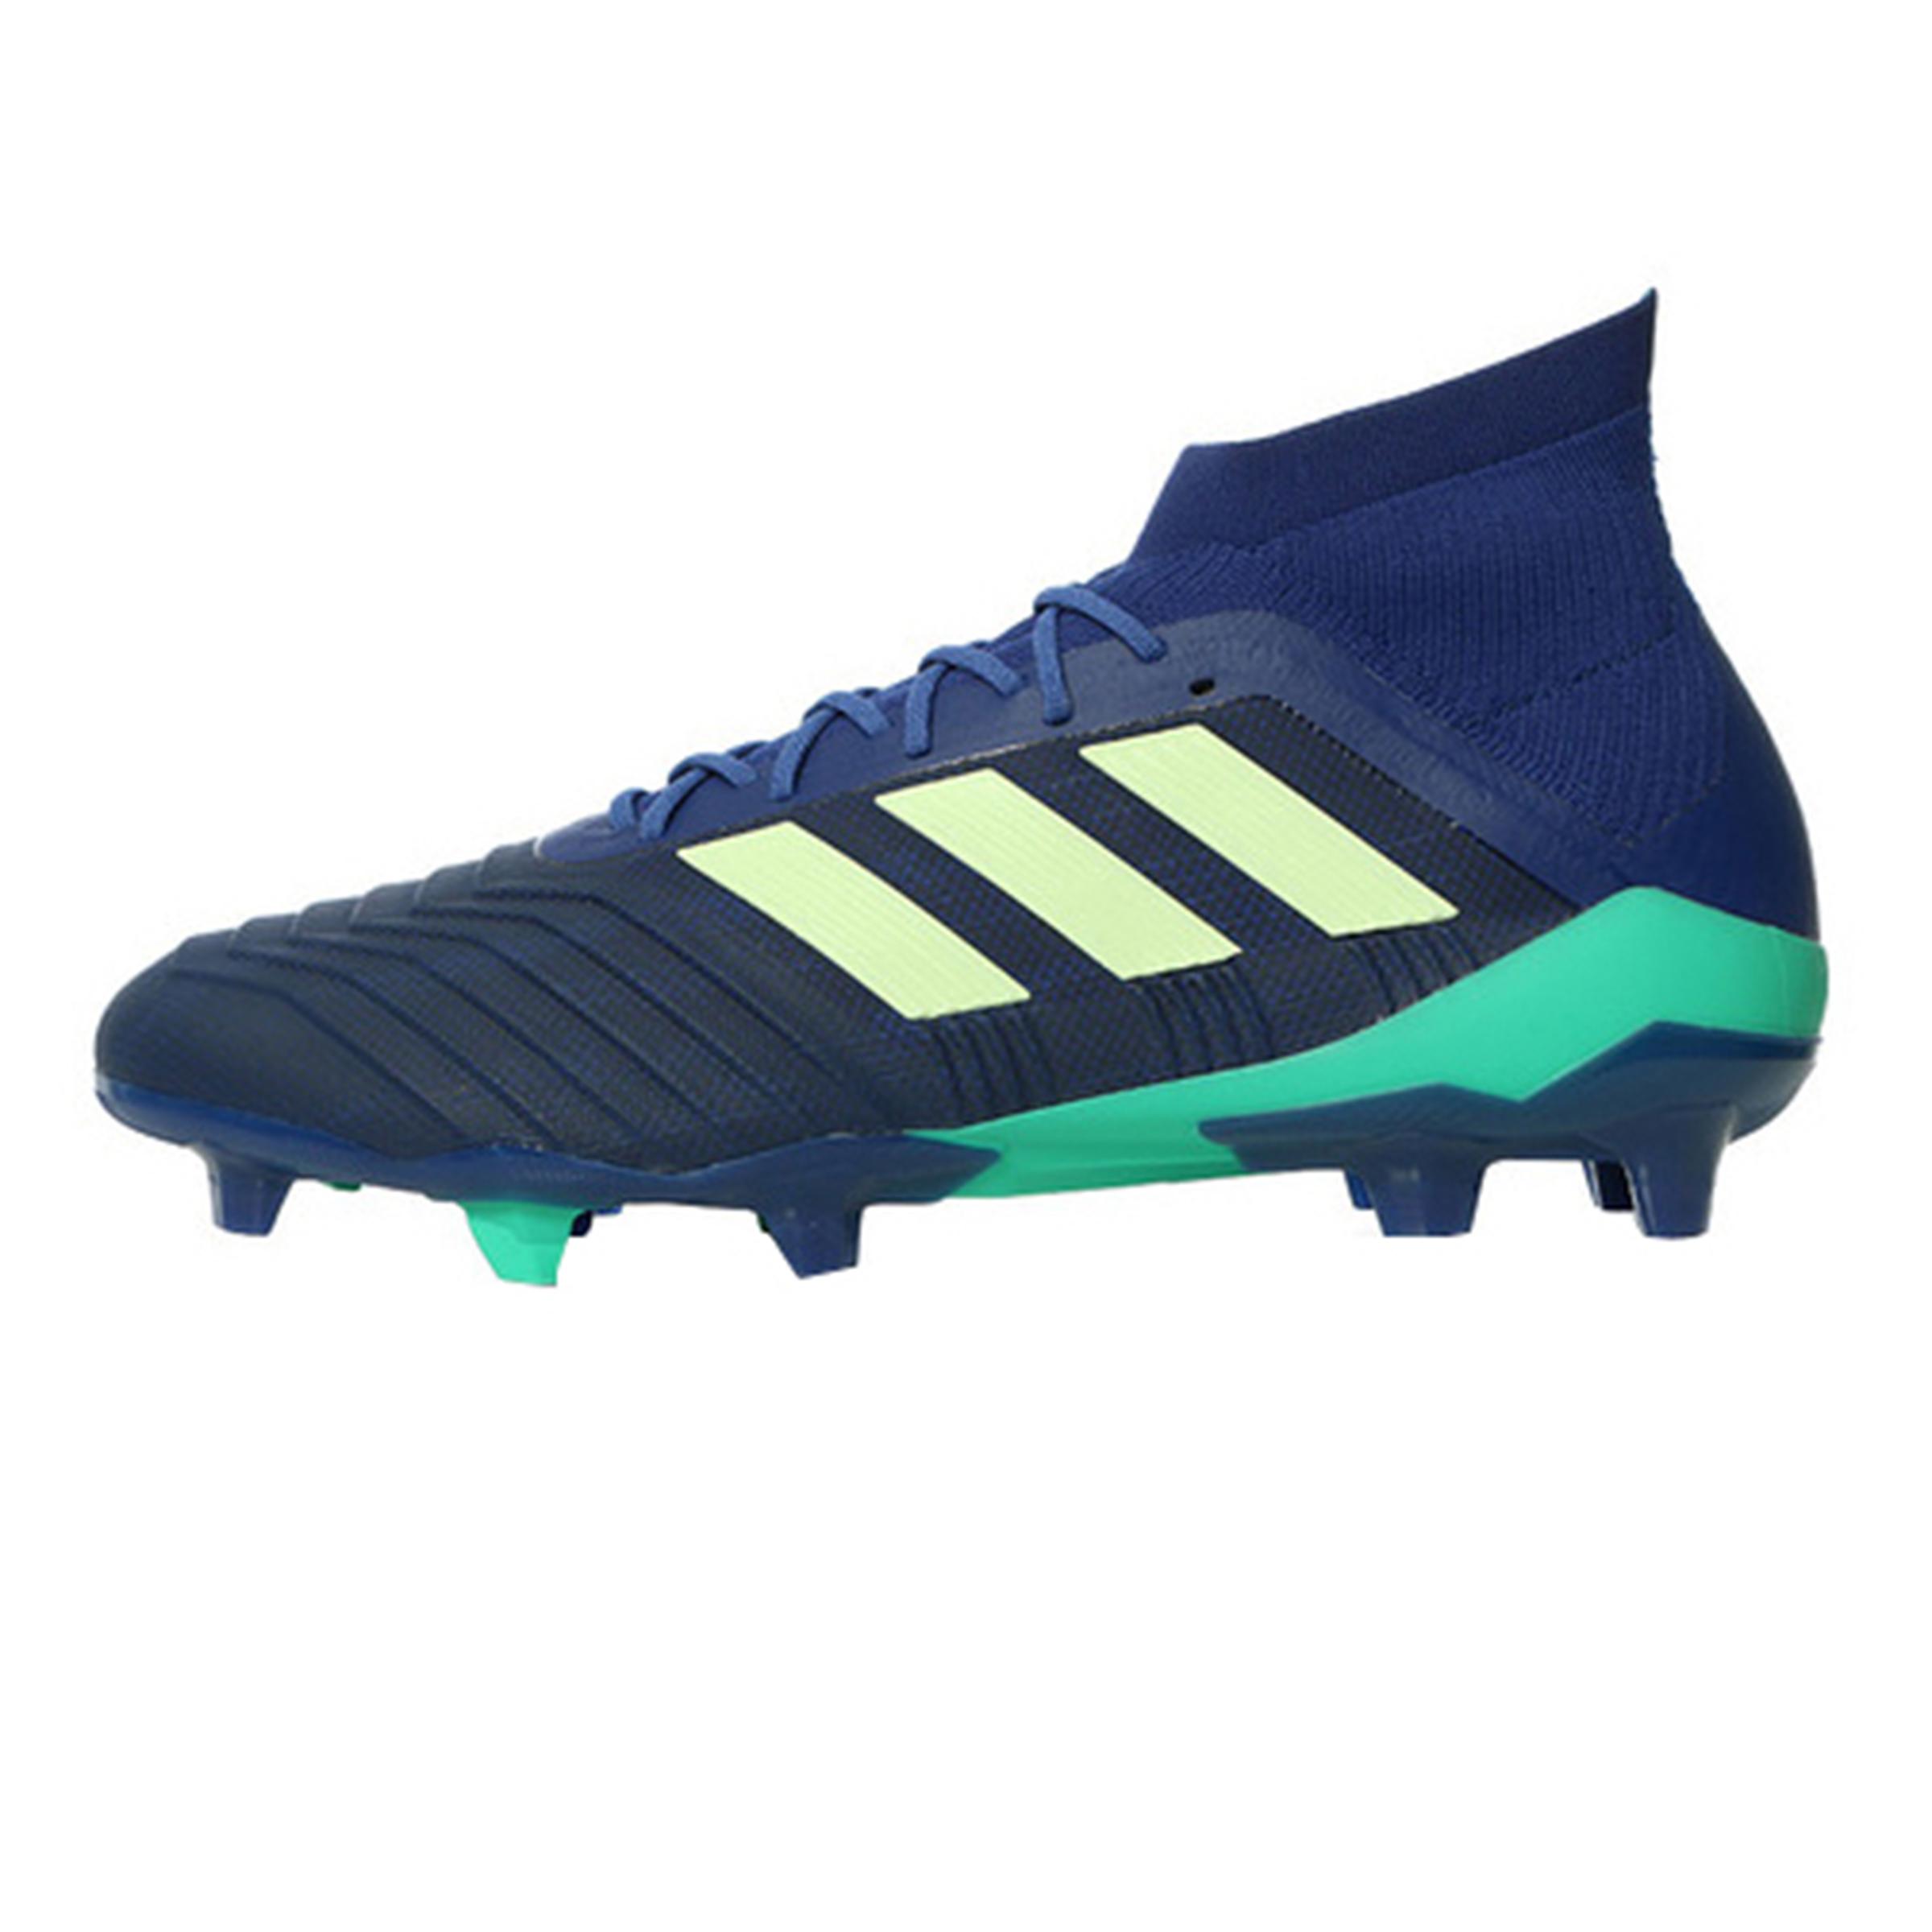 خرید                     کفش فوتبال آدیداس مدل PREDATOR 18.1 CM7411